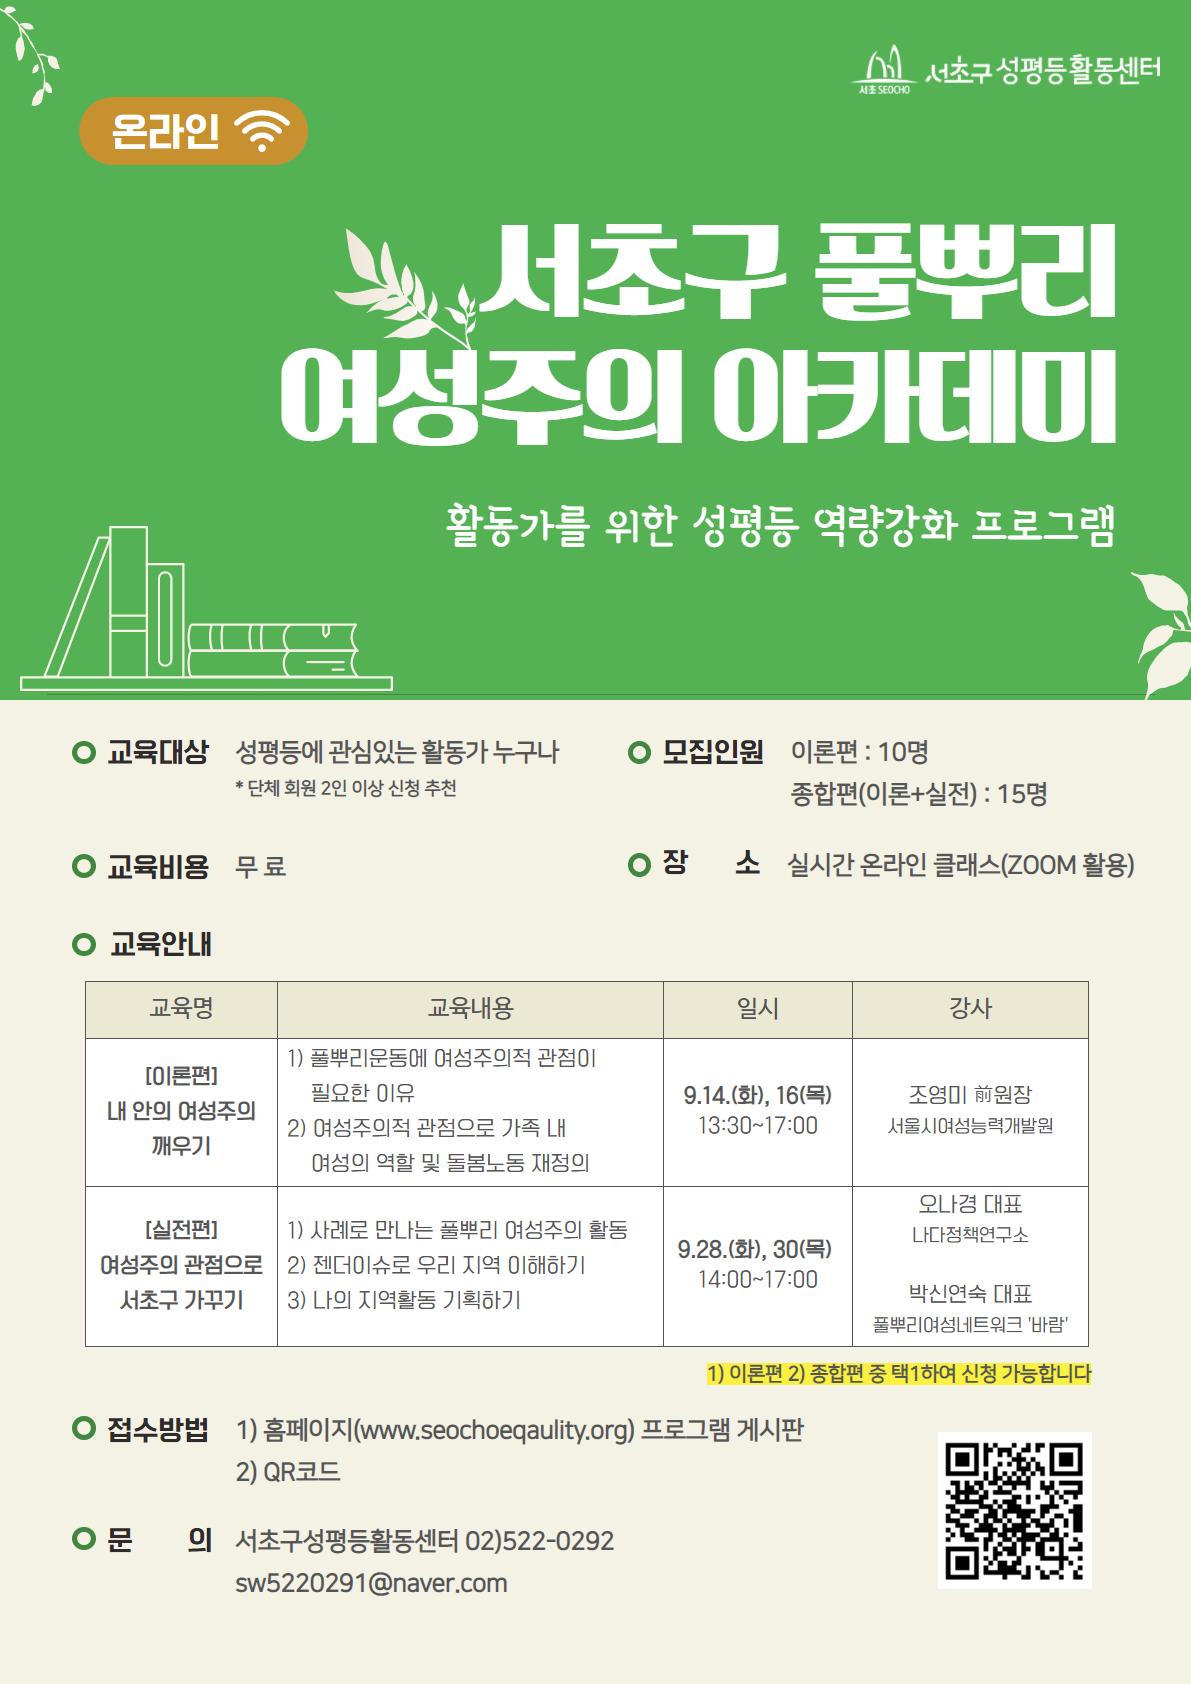 [성평등활동센터] 풀뿌리여성주의아카데미 홍보 포스터_0823.png